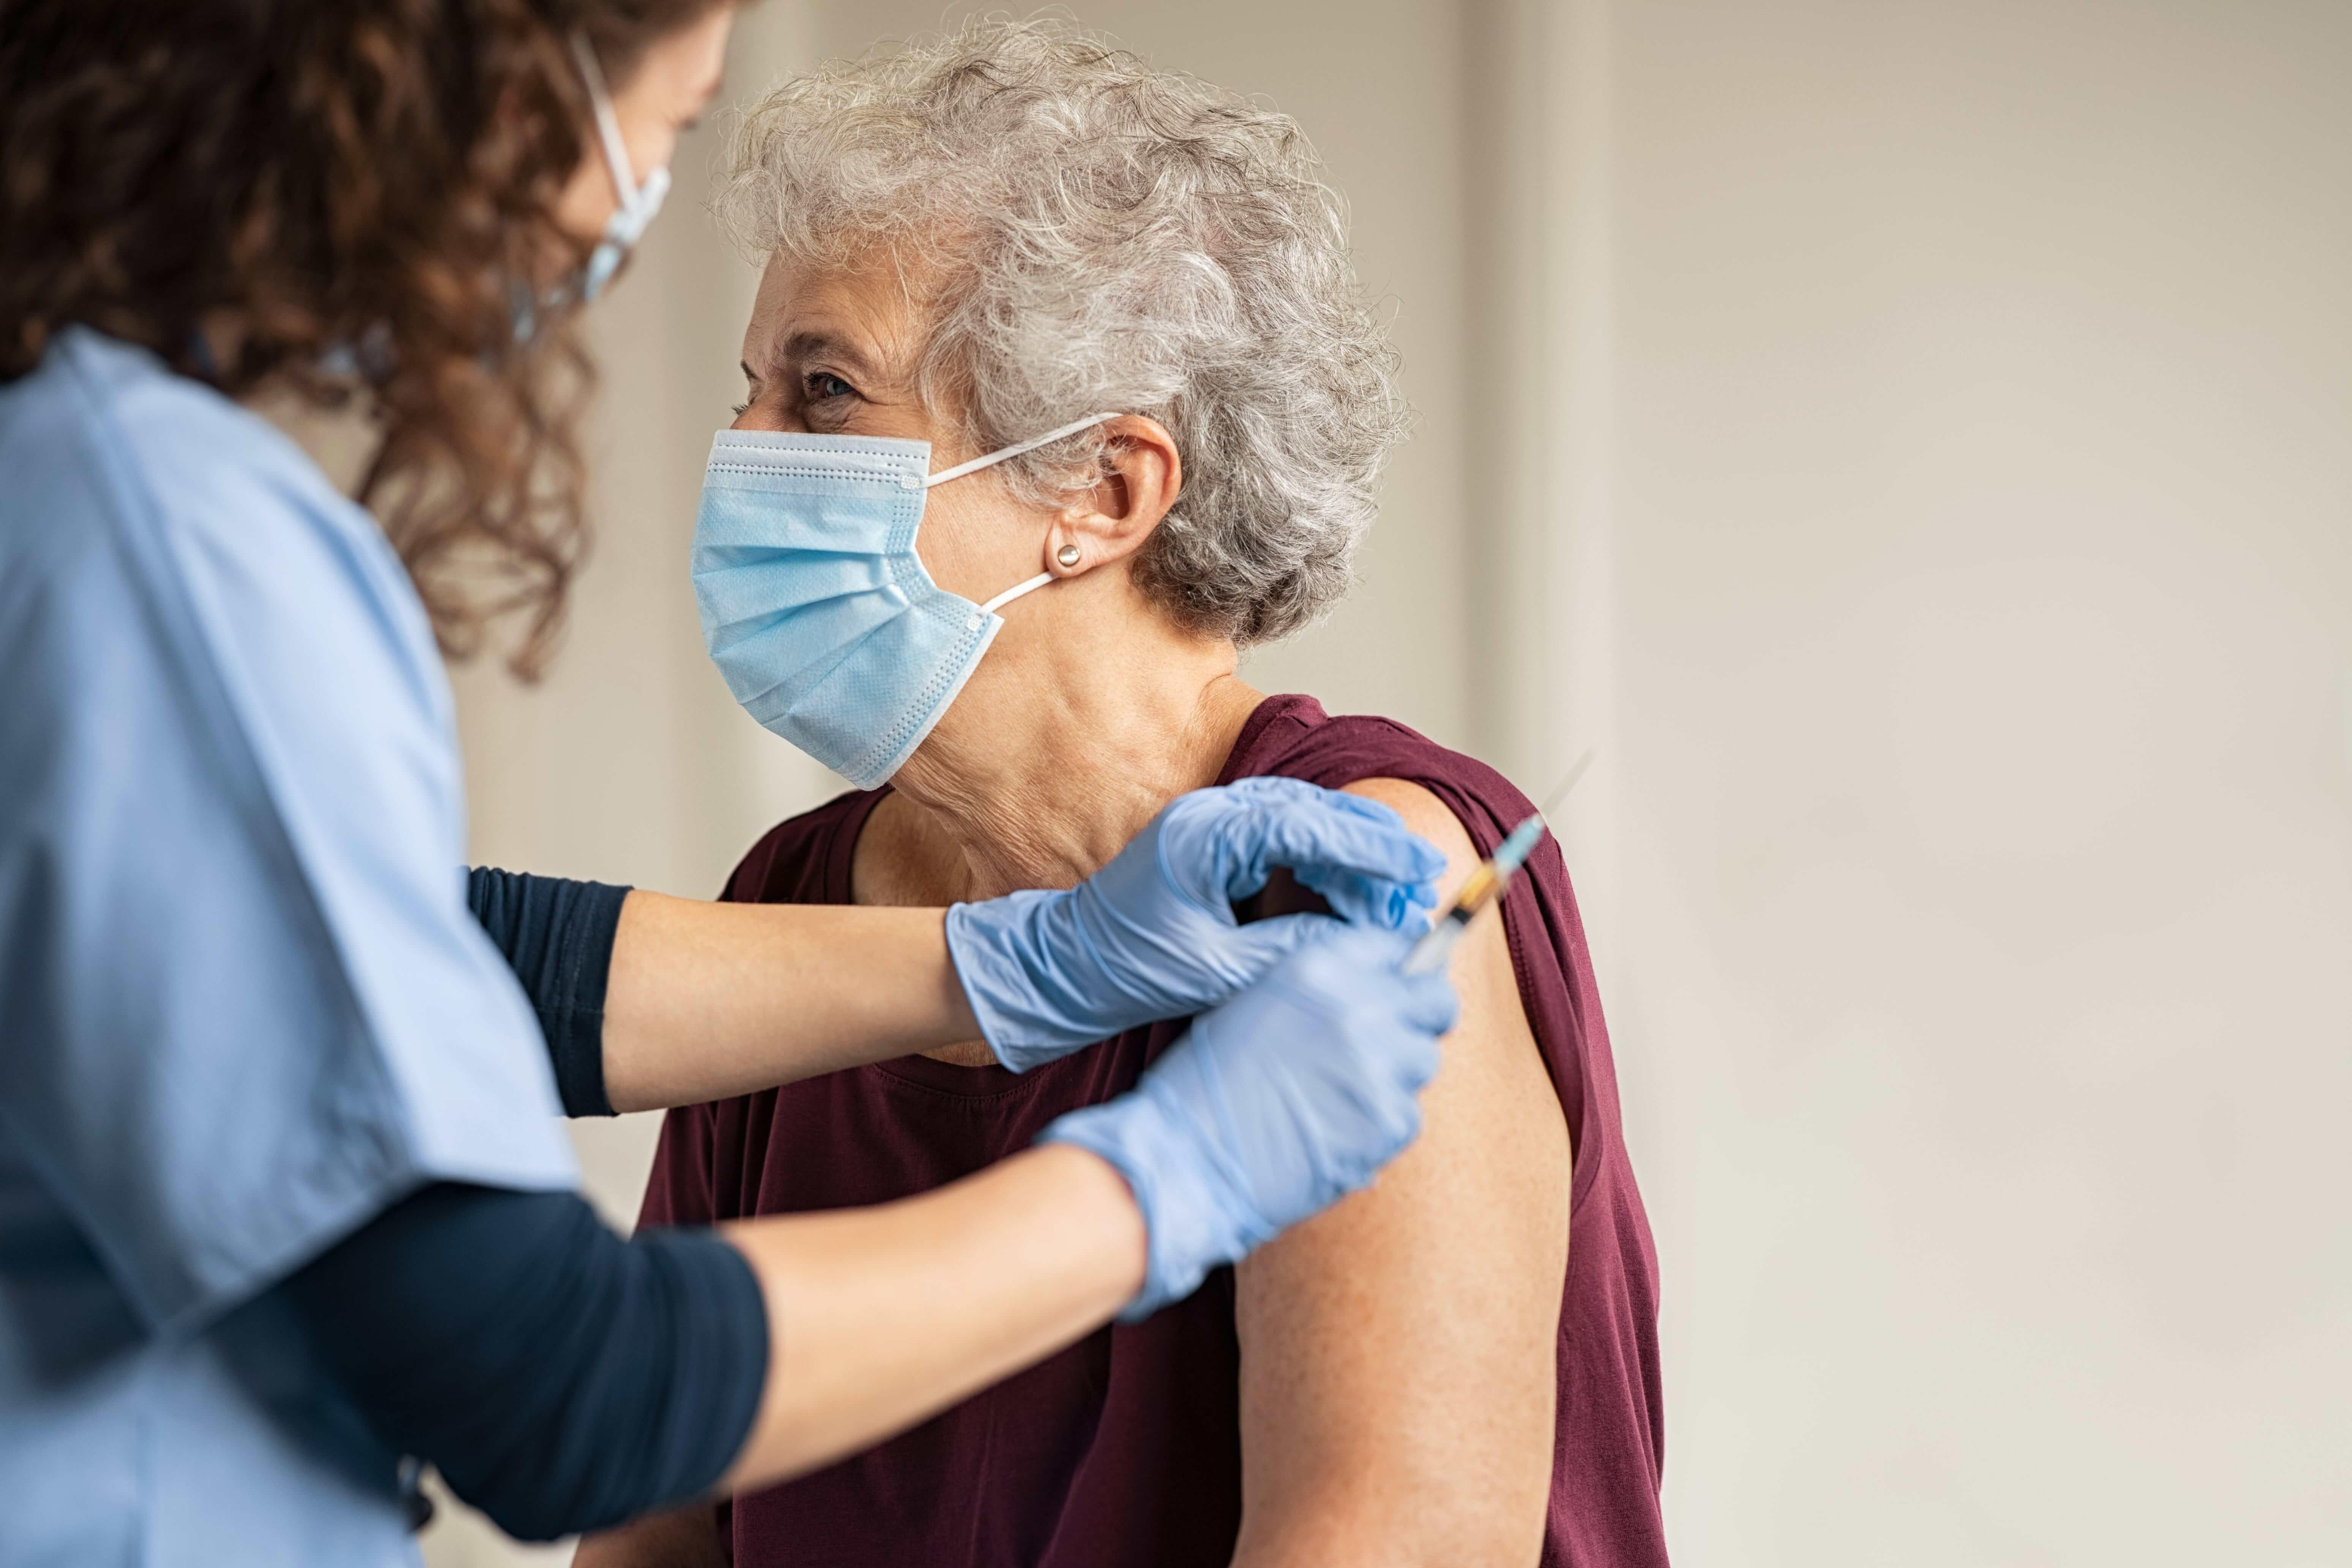 COVID-19 : La vaccination en ville, ce qu'il faut retenir – Où, en pharmacie, pour qui, rendez-vous